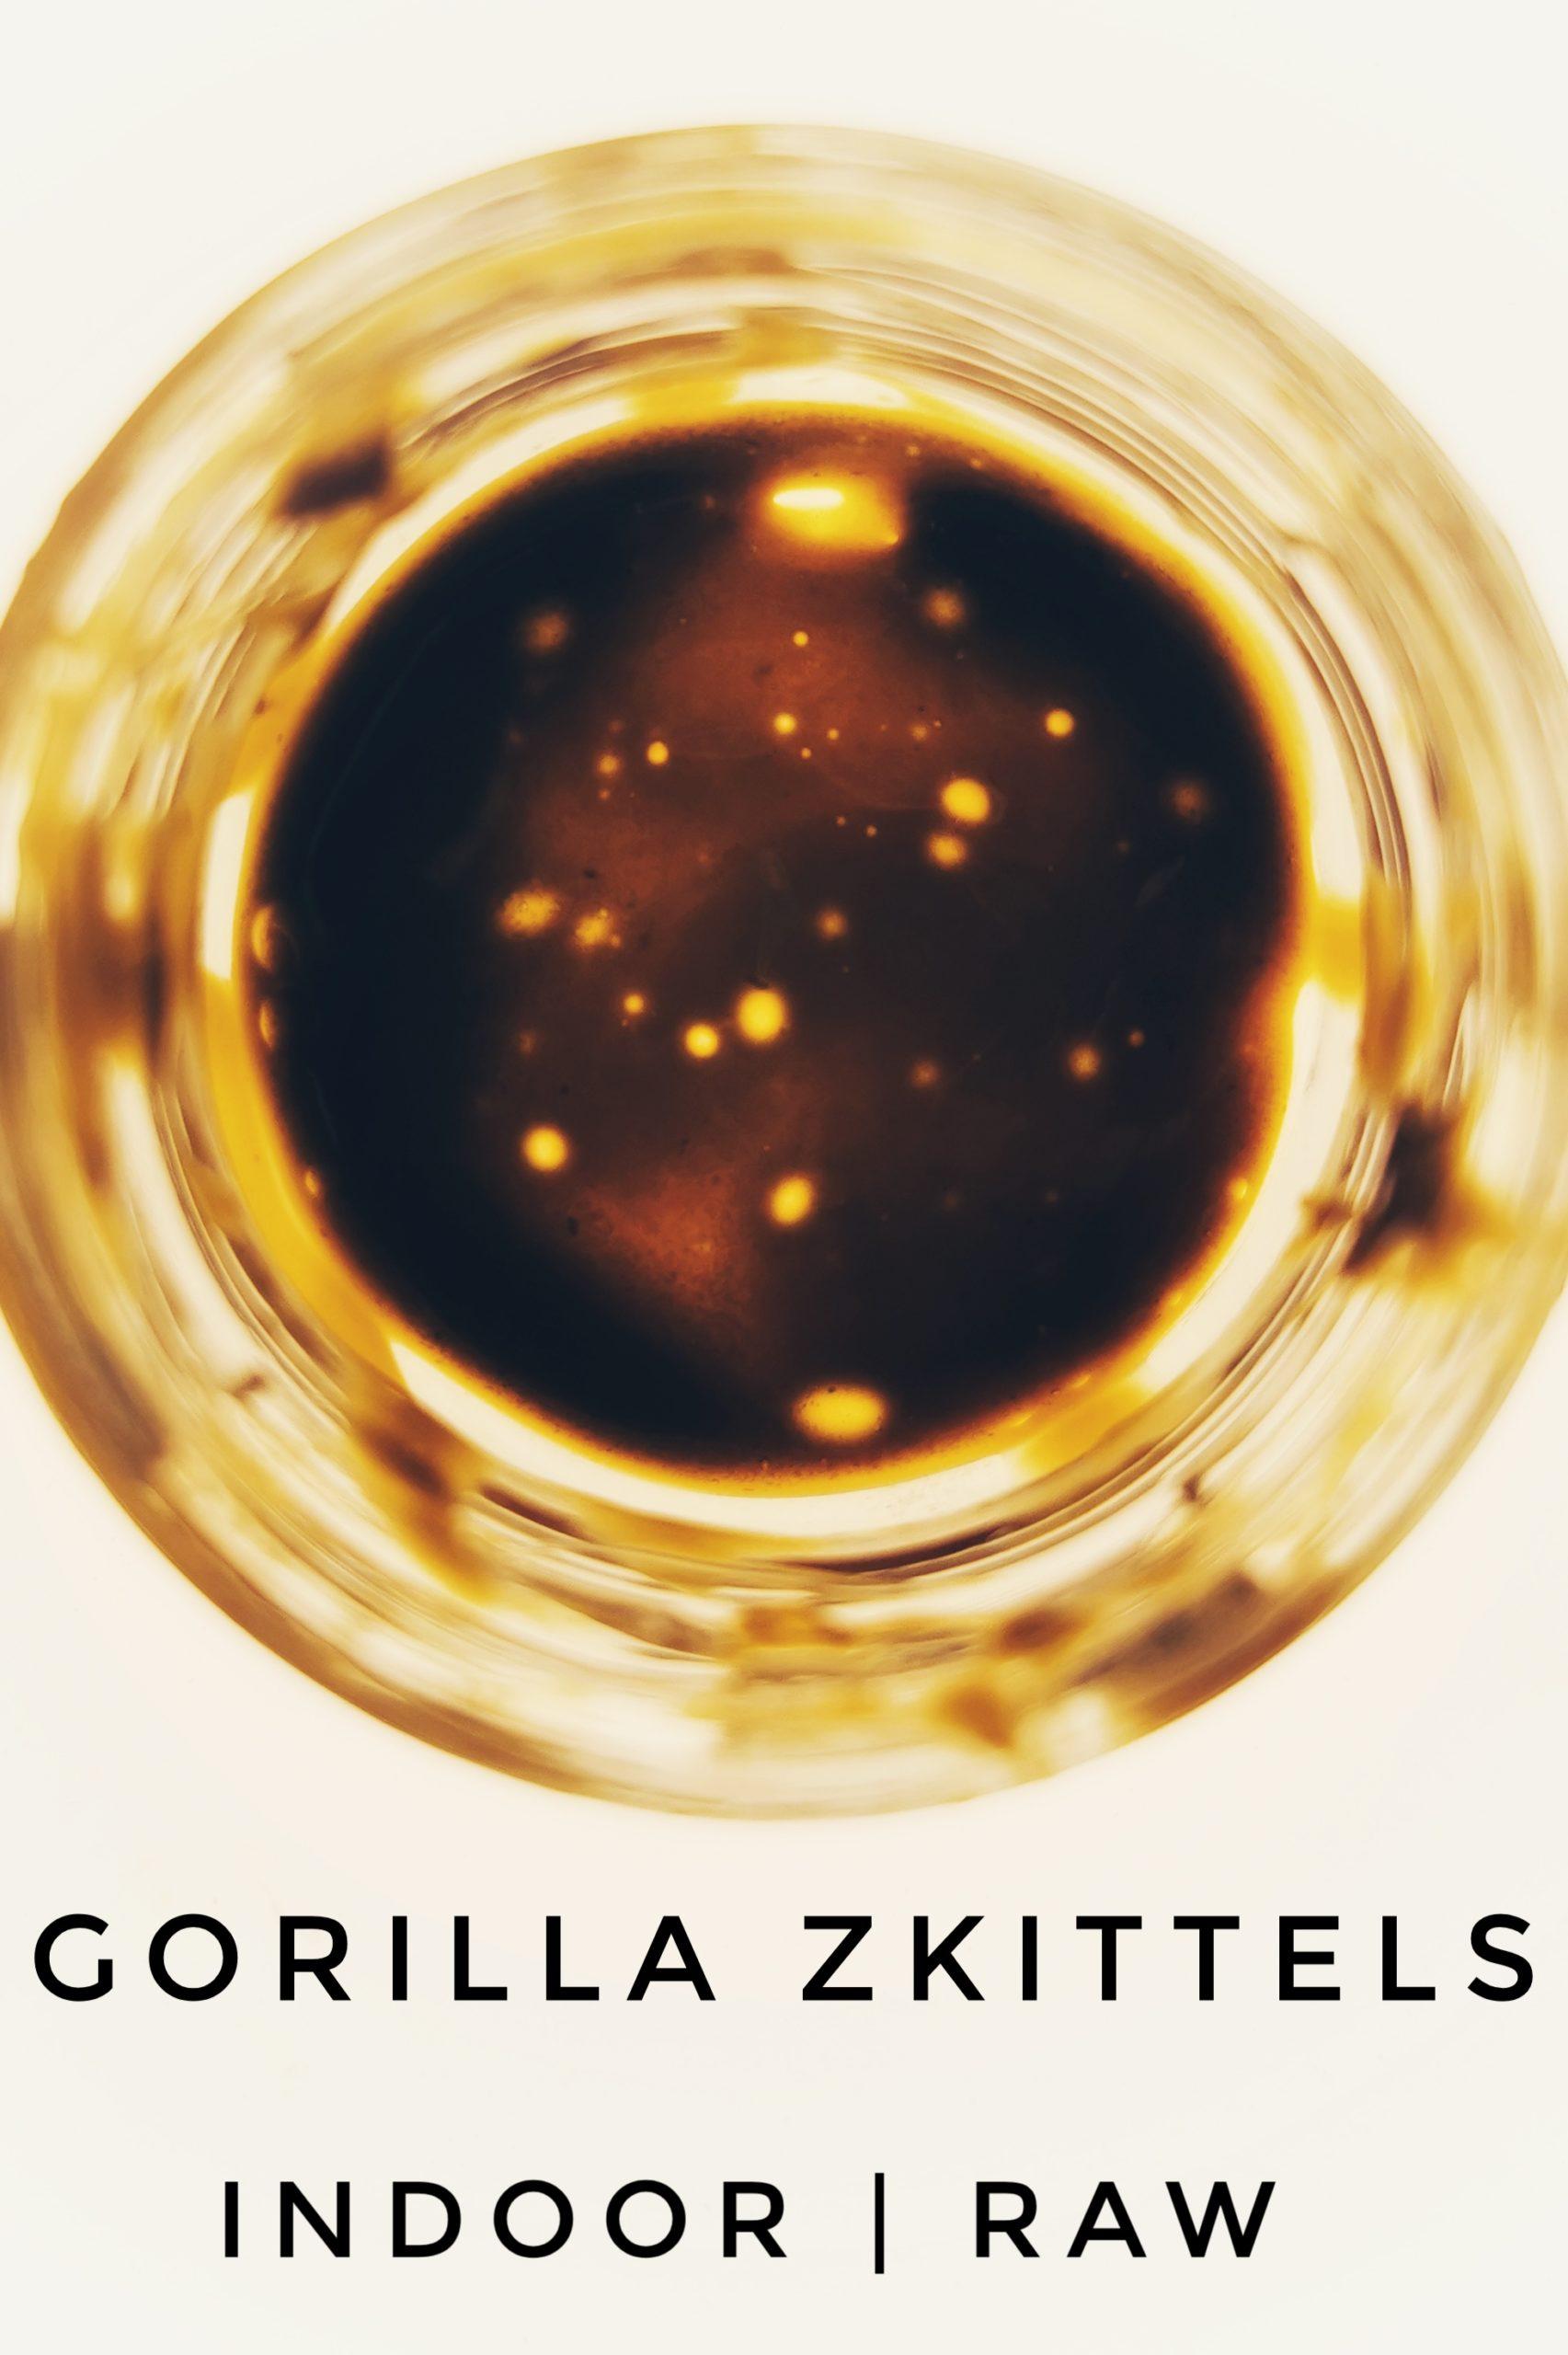 Gorilla Zkittels